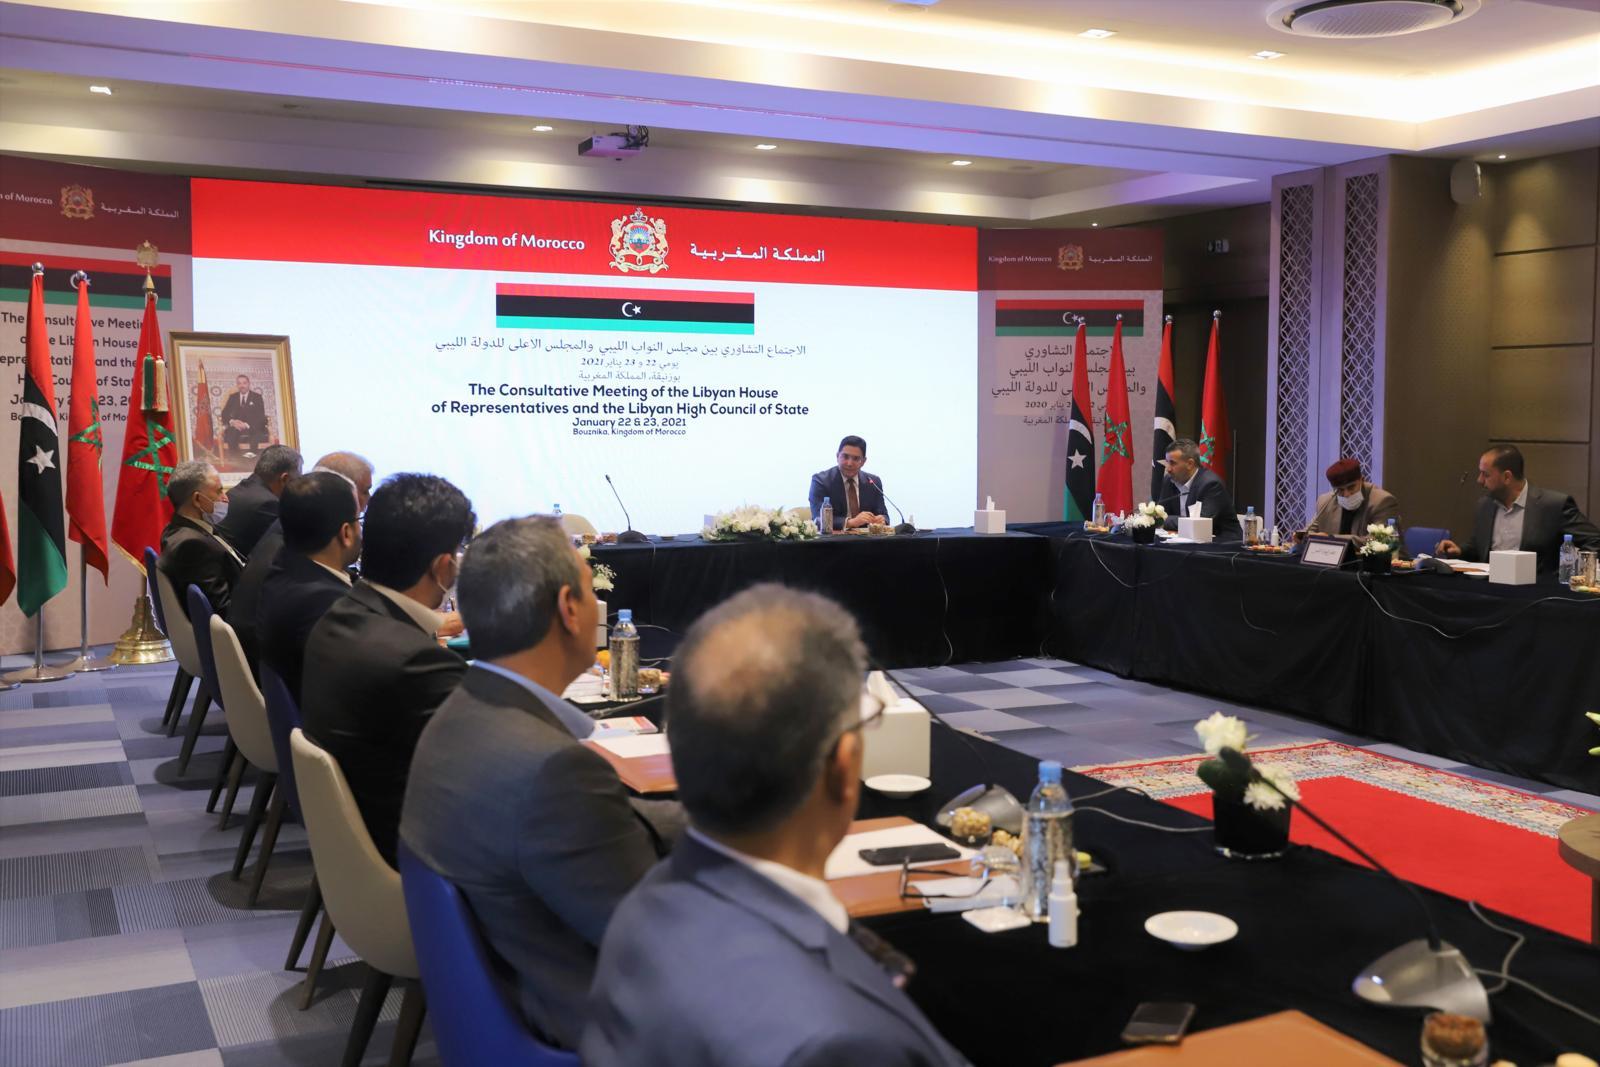 Sur Instructions royales, le Maroc est engagé à accompagner les parties libyennes jusqu'à résolution de la crise